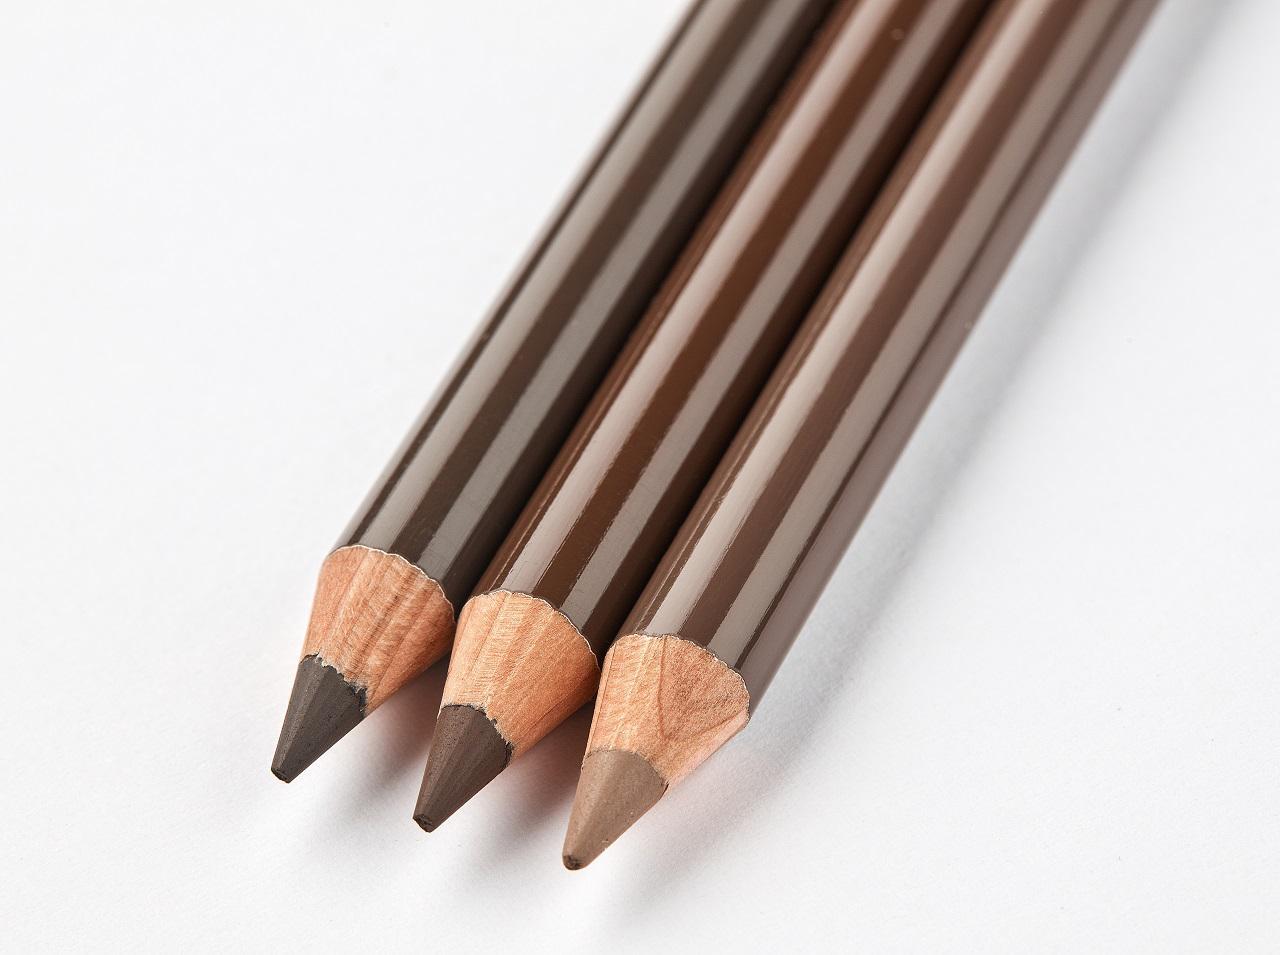 画像: ぼかしやすく太さも自由自在な鉛筆タイプ